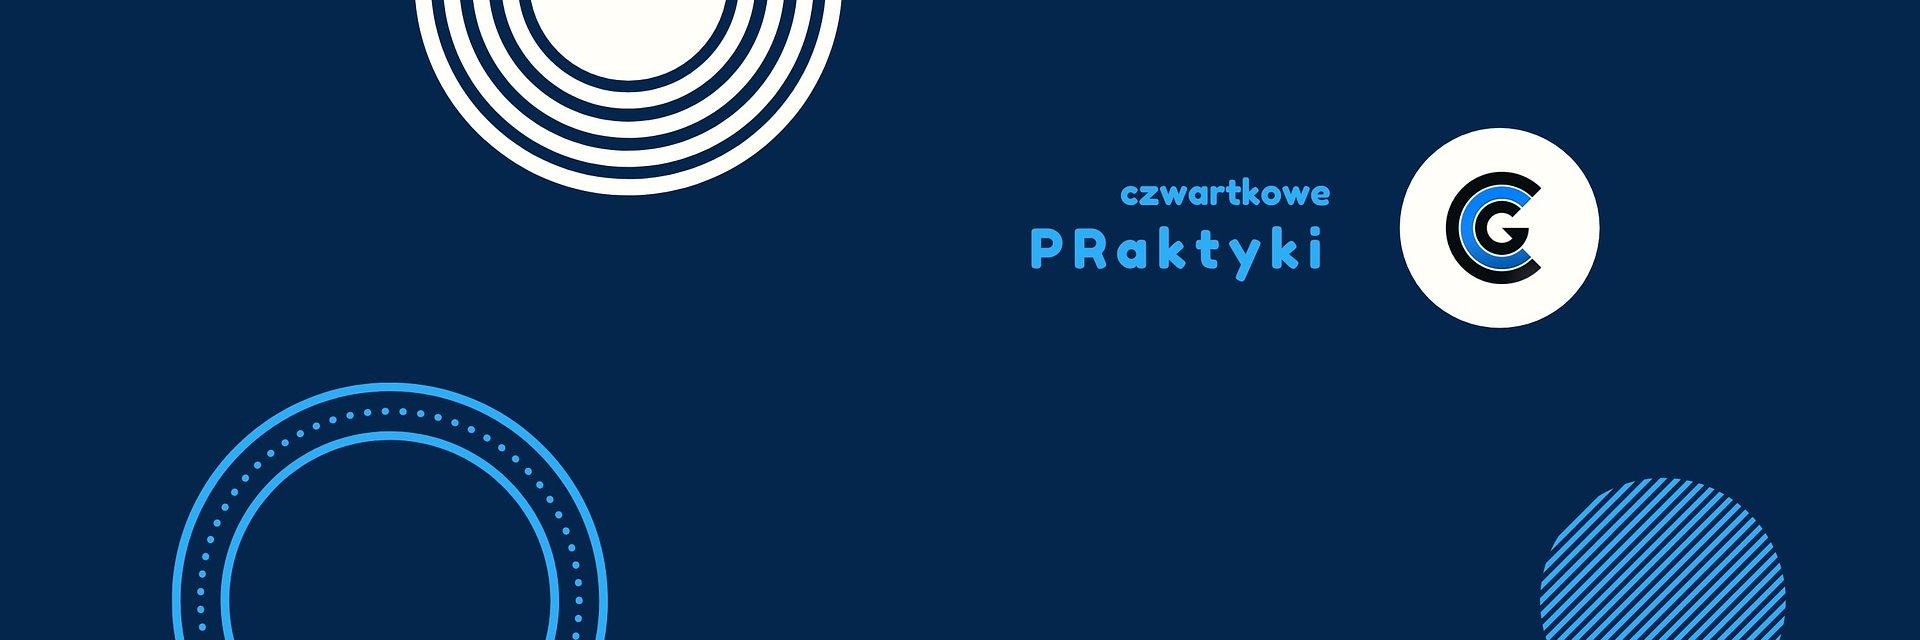 Krzysztof Olszewski: wartościowe treści, newsy i kanały własne - to kluczowe elementy strategii komunkacji marek